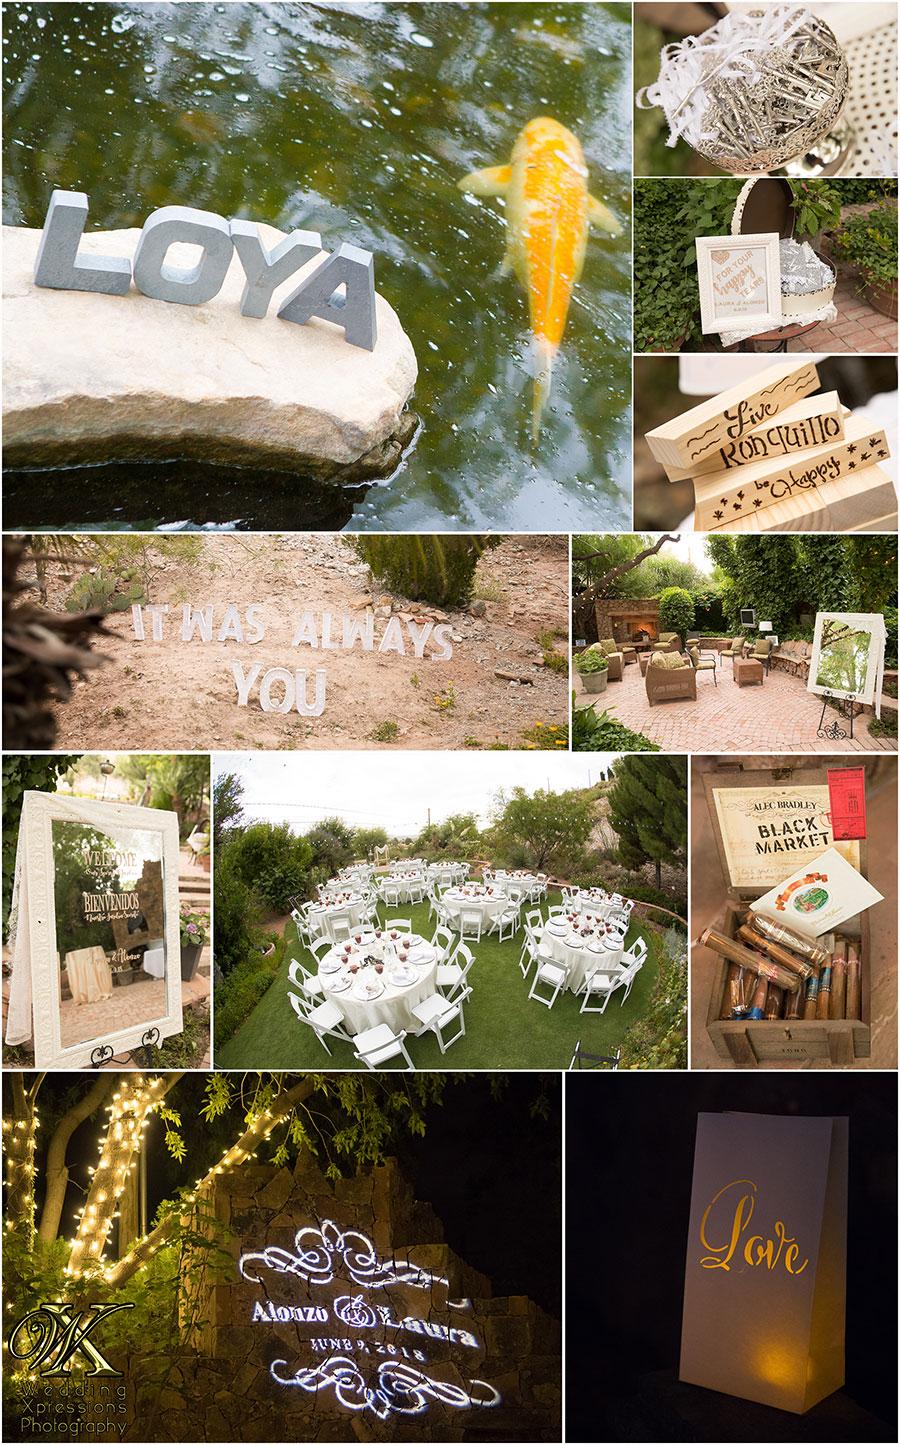 Wedding Xpressions at The Secret Garden in El Paso